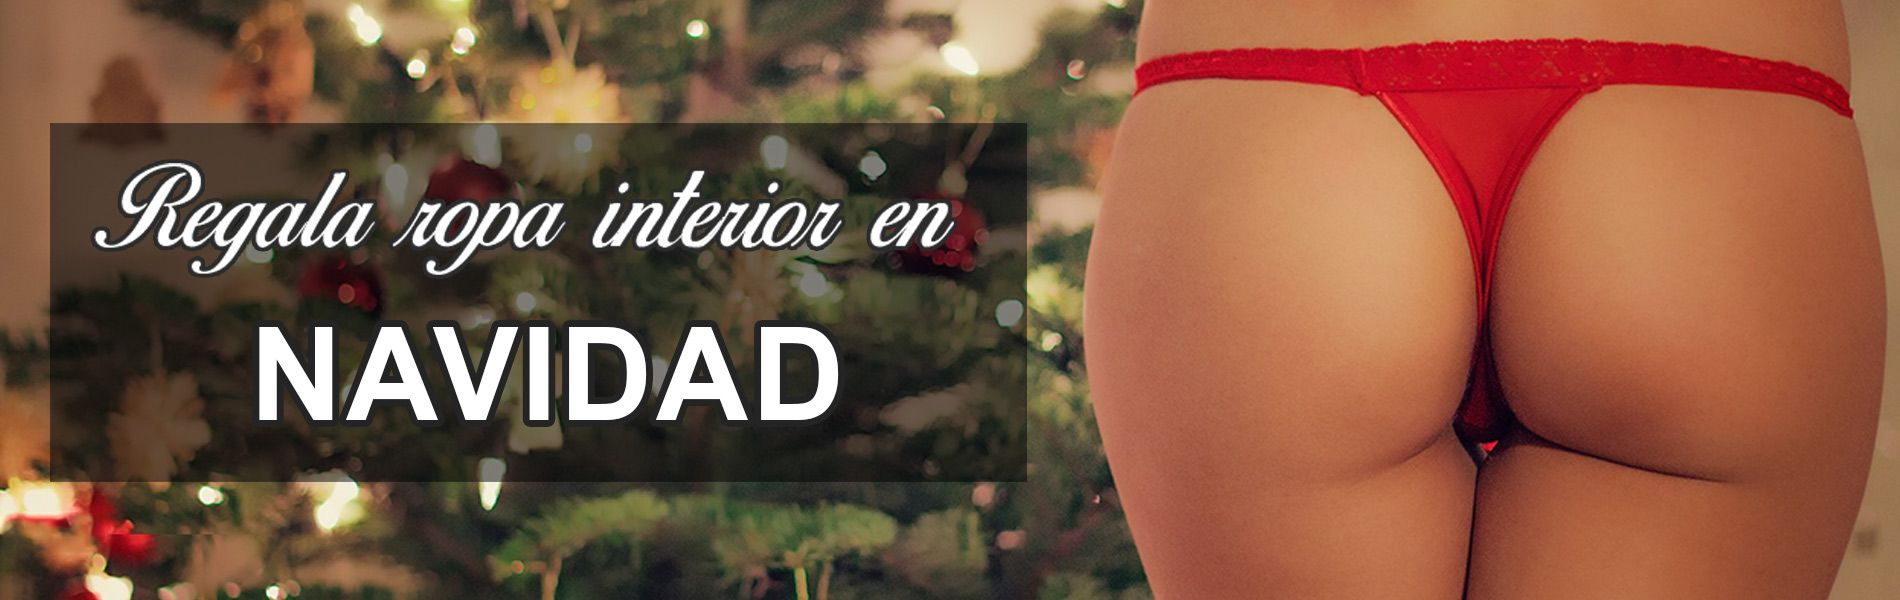 Regala ropa interior en Navidad para todos